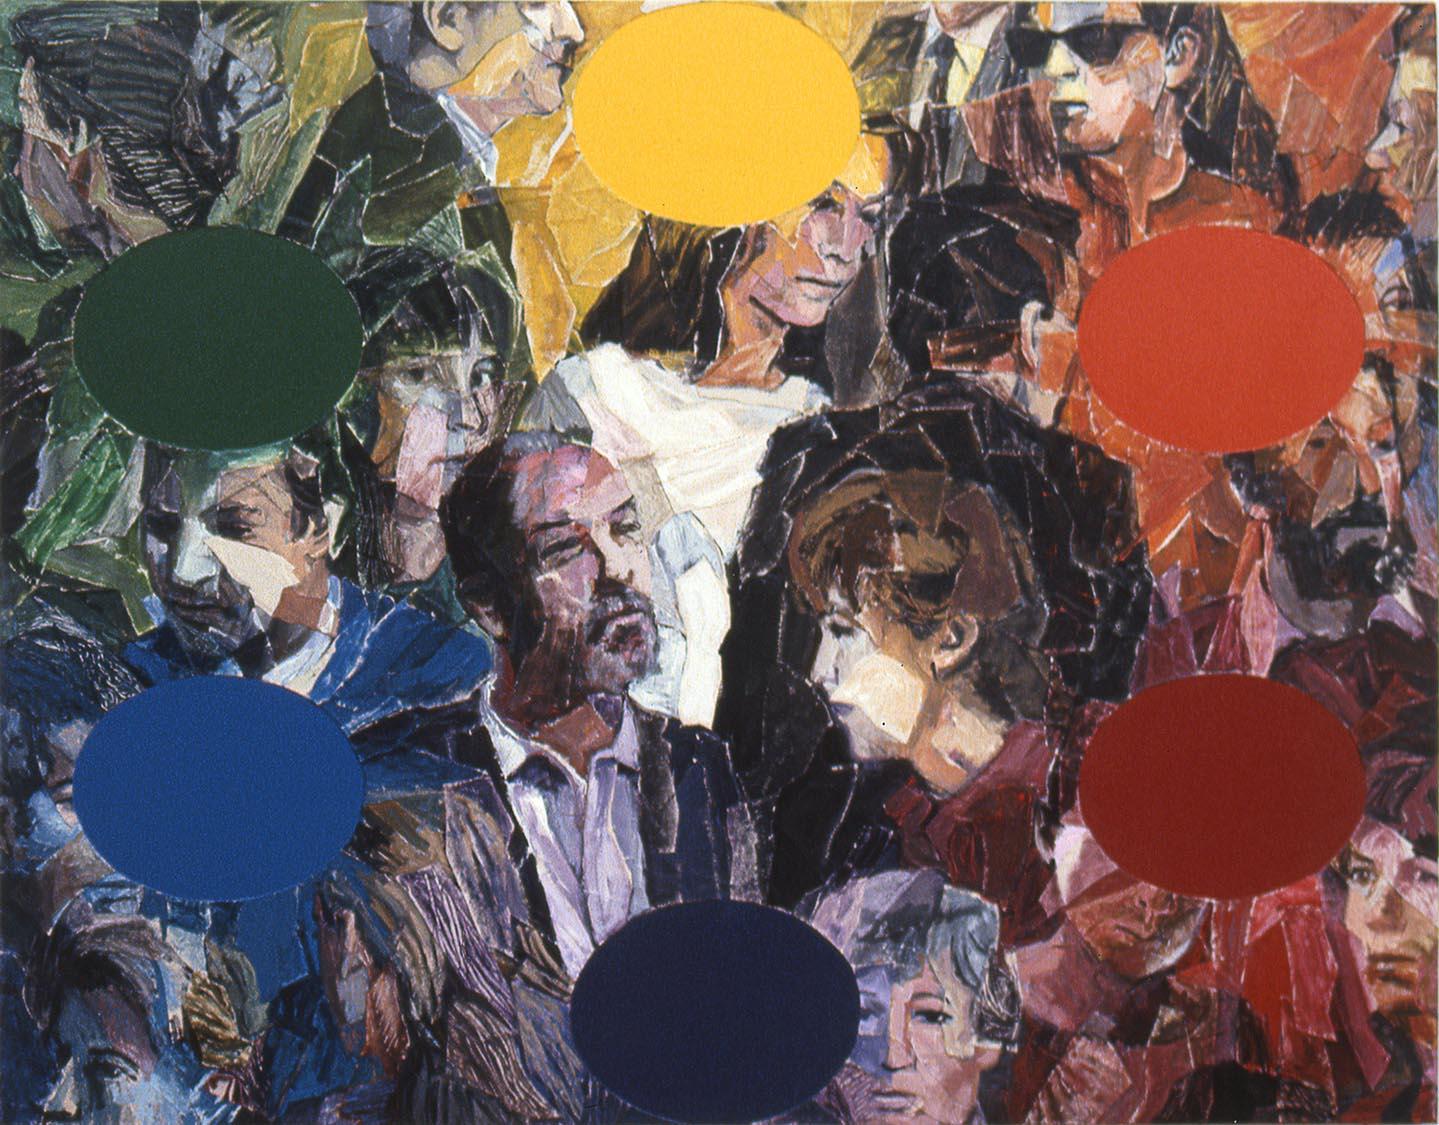 Dans la foule / In The Crowd, 1999